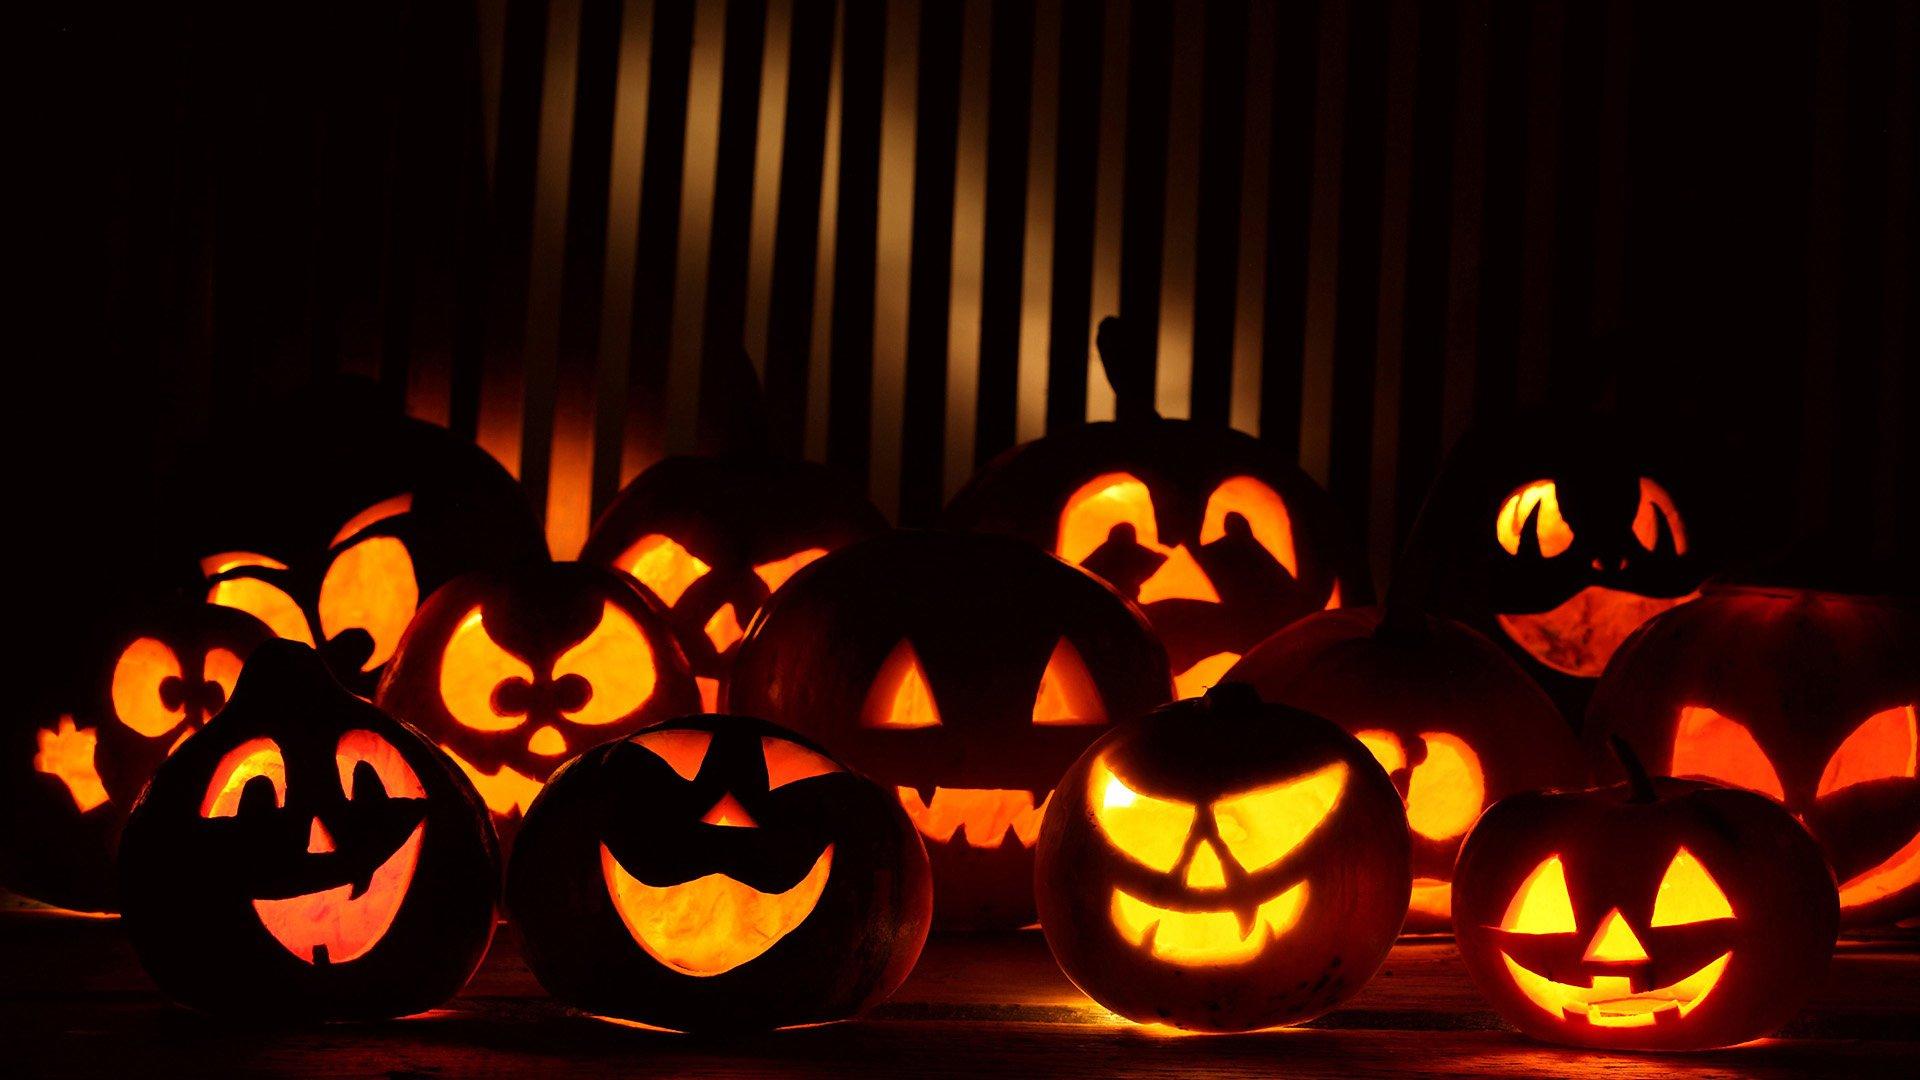 Светящийся тыквы на Хэллоуин, 1920 на 1080 пикселей